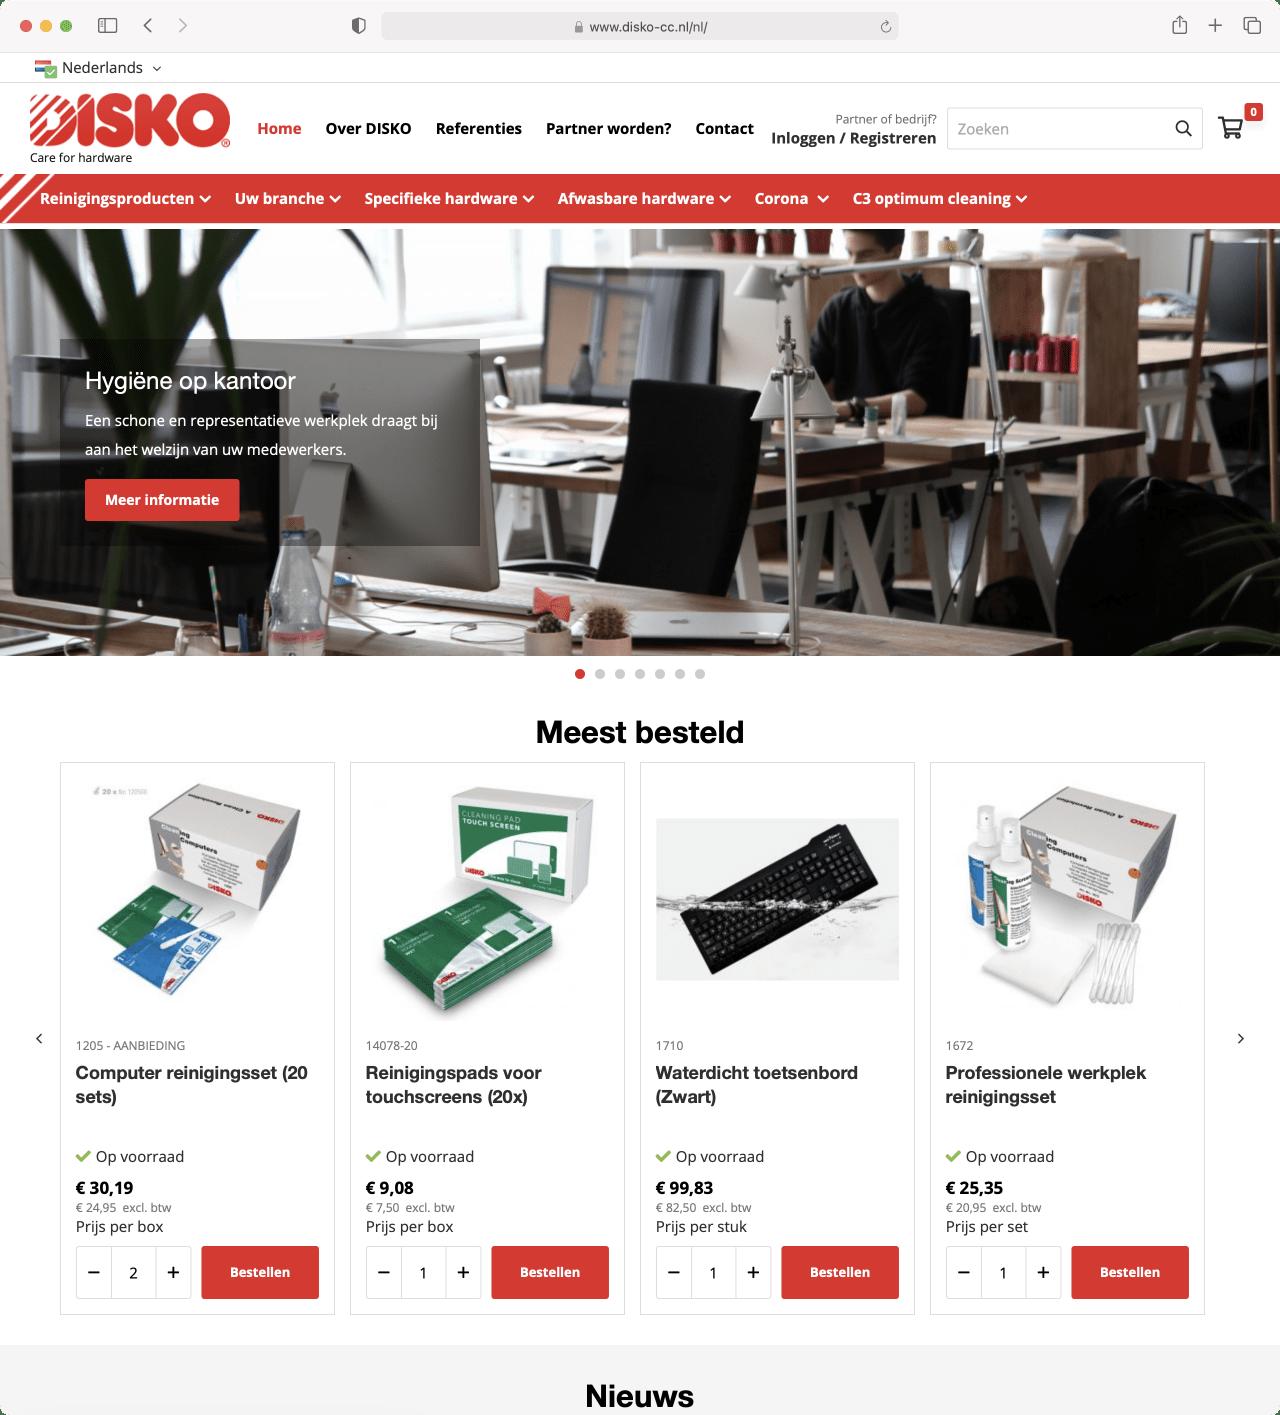 Disko Care for Hardware